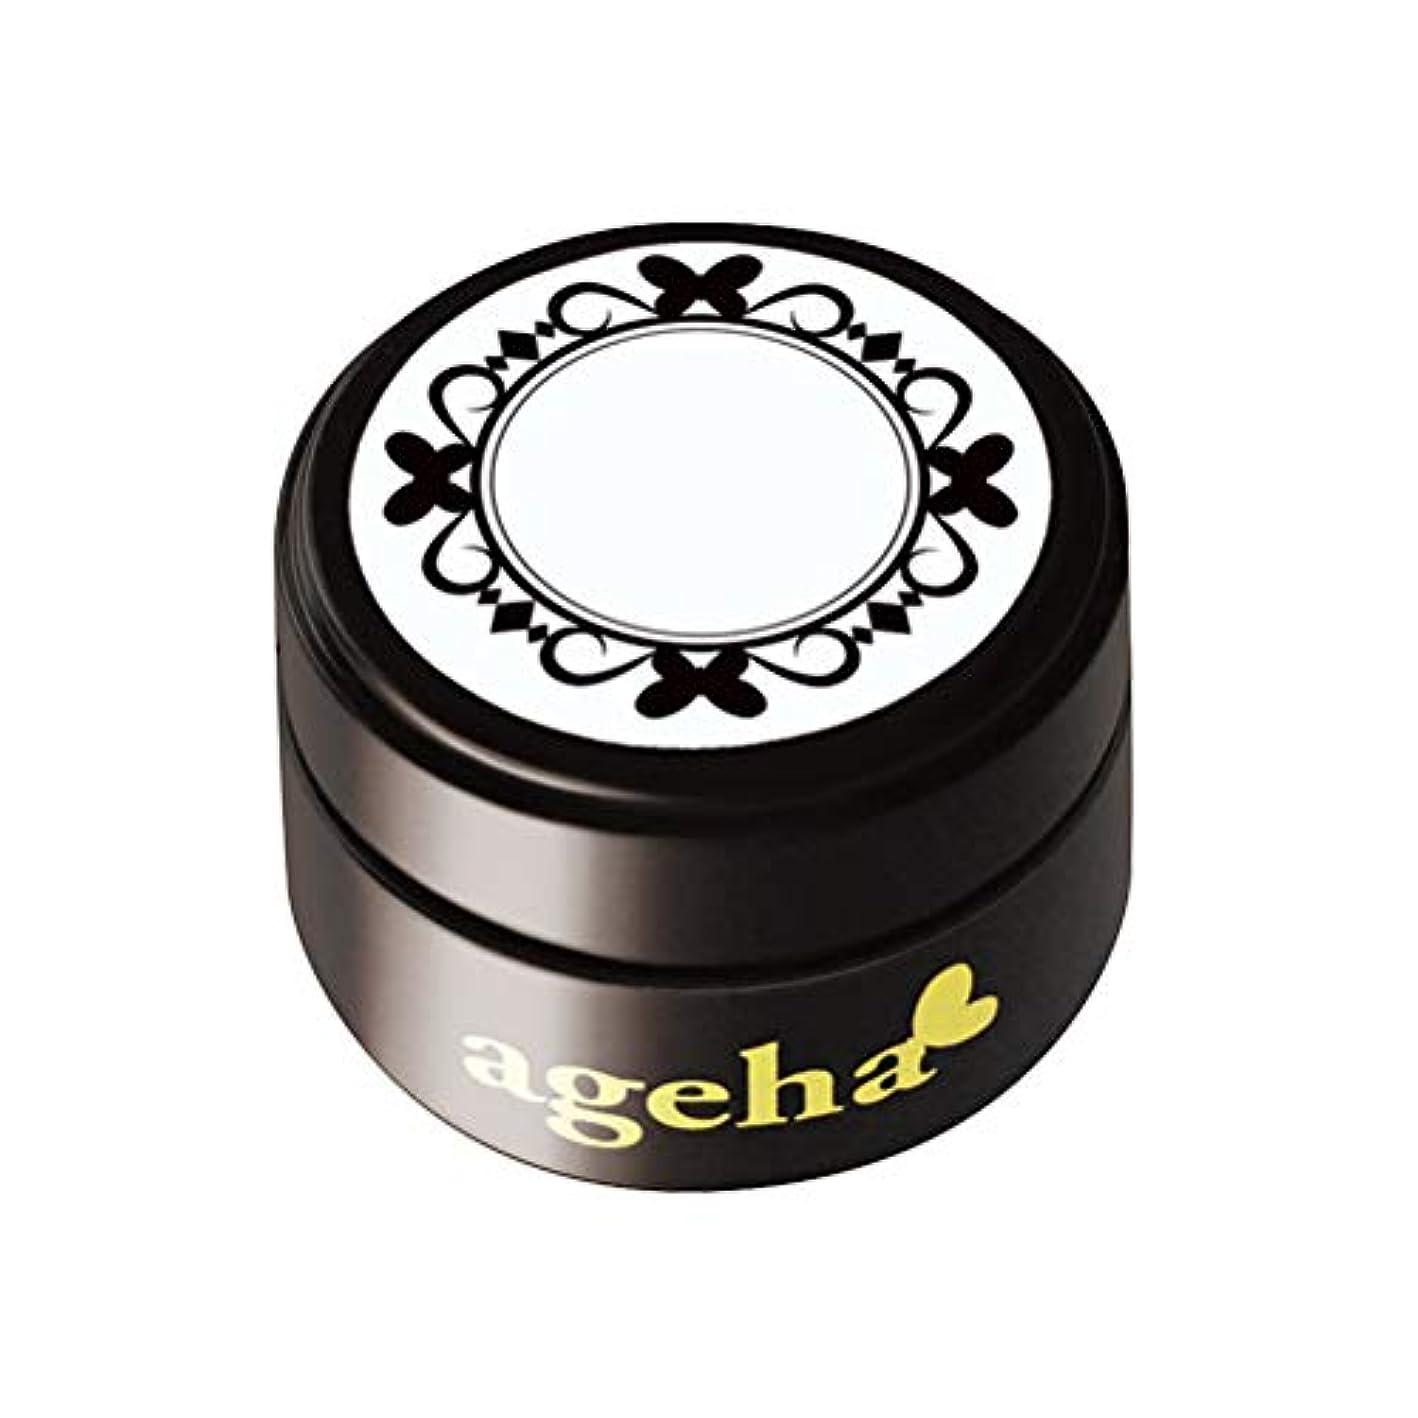 喉が渇いた思いつく引退したageha コスメカラー 415 ラグジュエル イブ グリッター 2.7g UV/LED対応